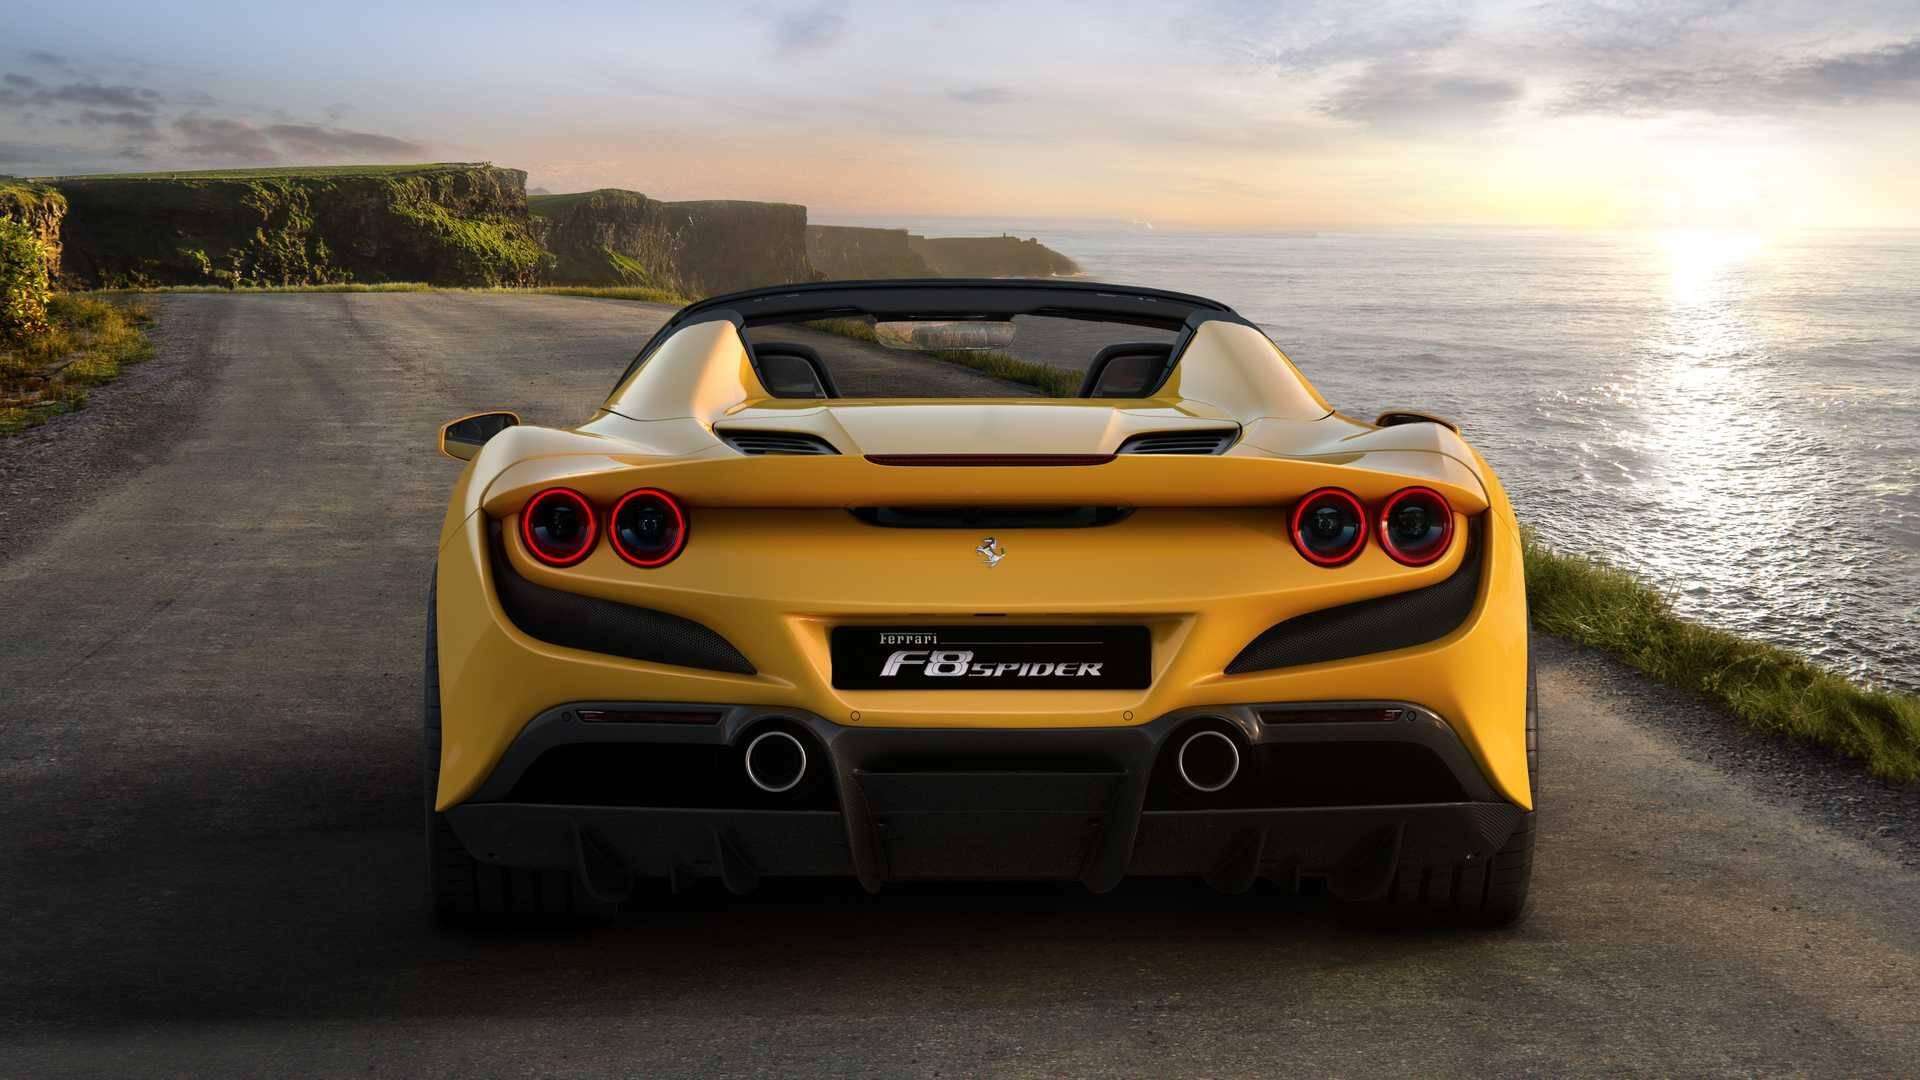 Ferrari F8. Foto: Divulgação